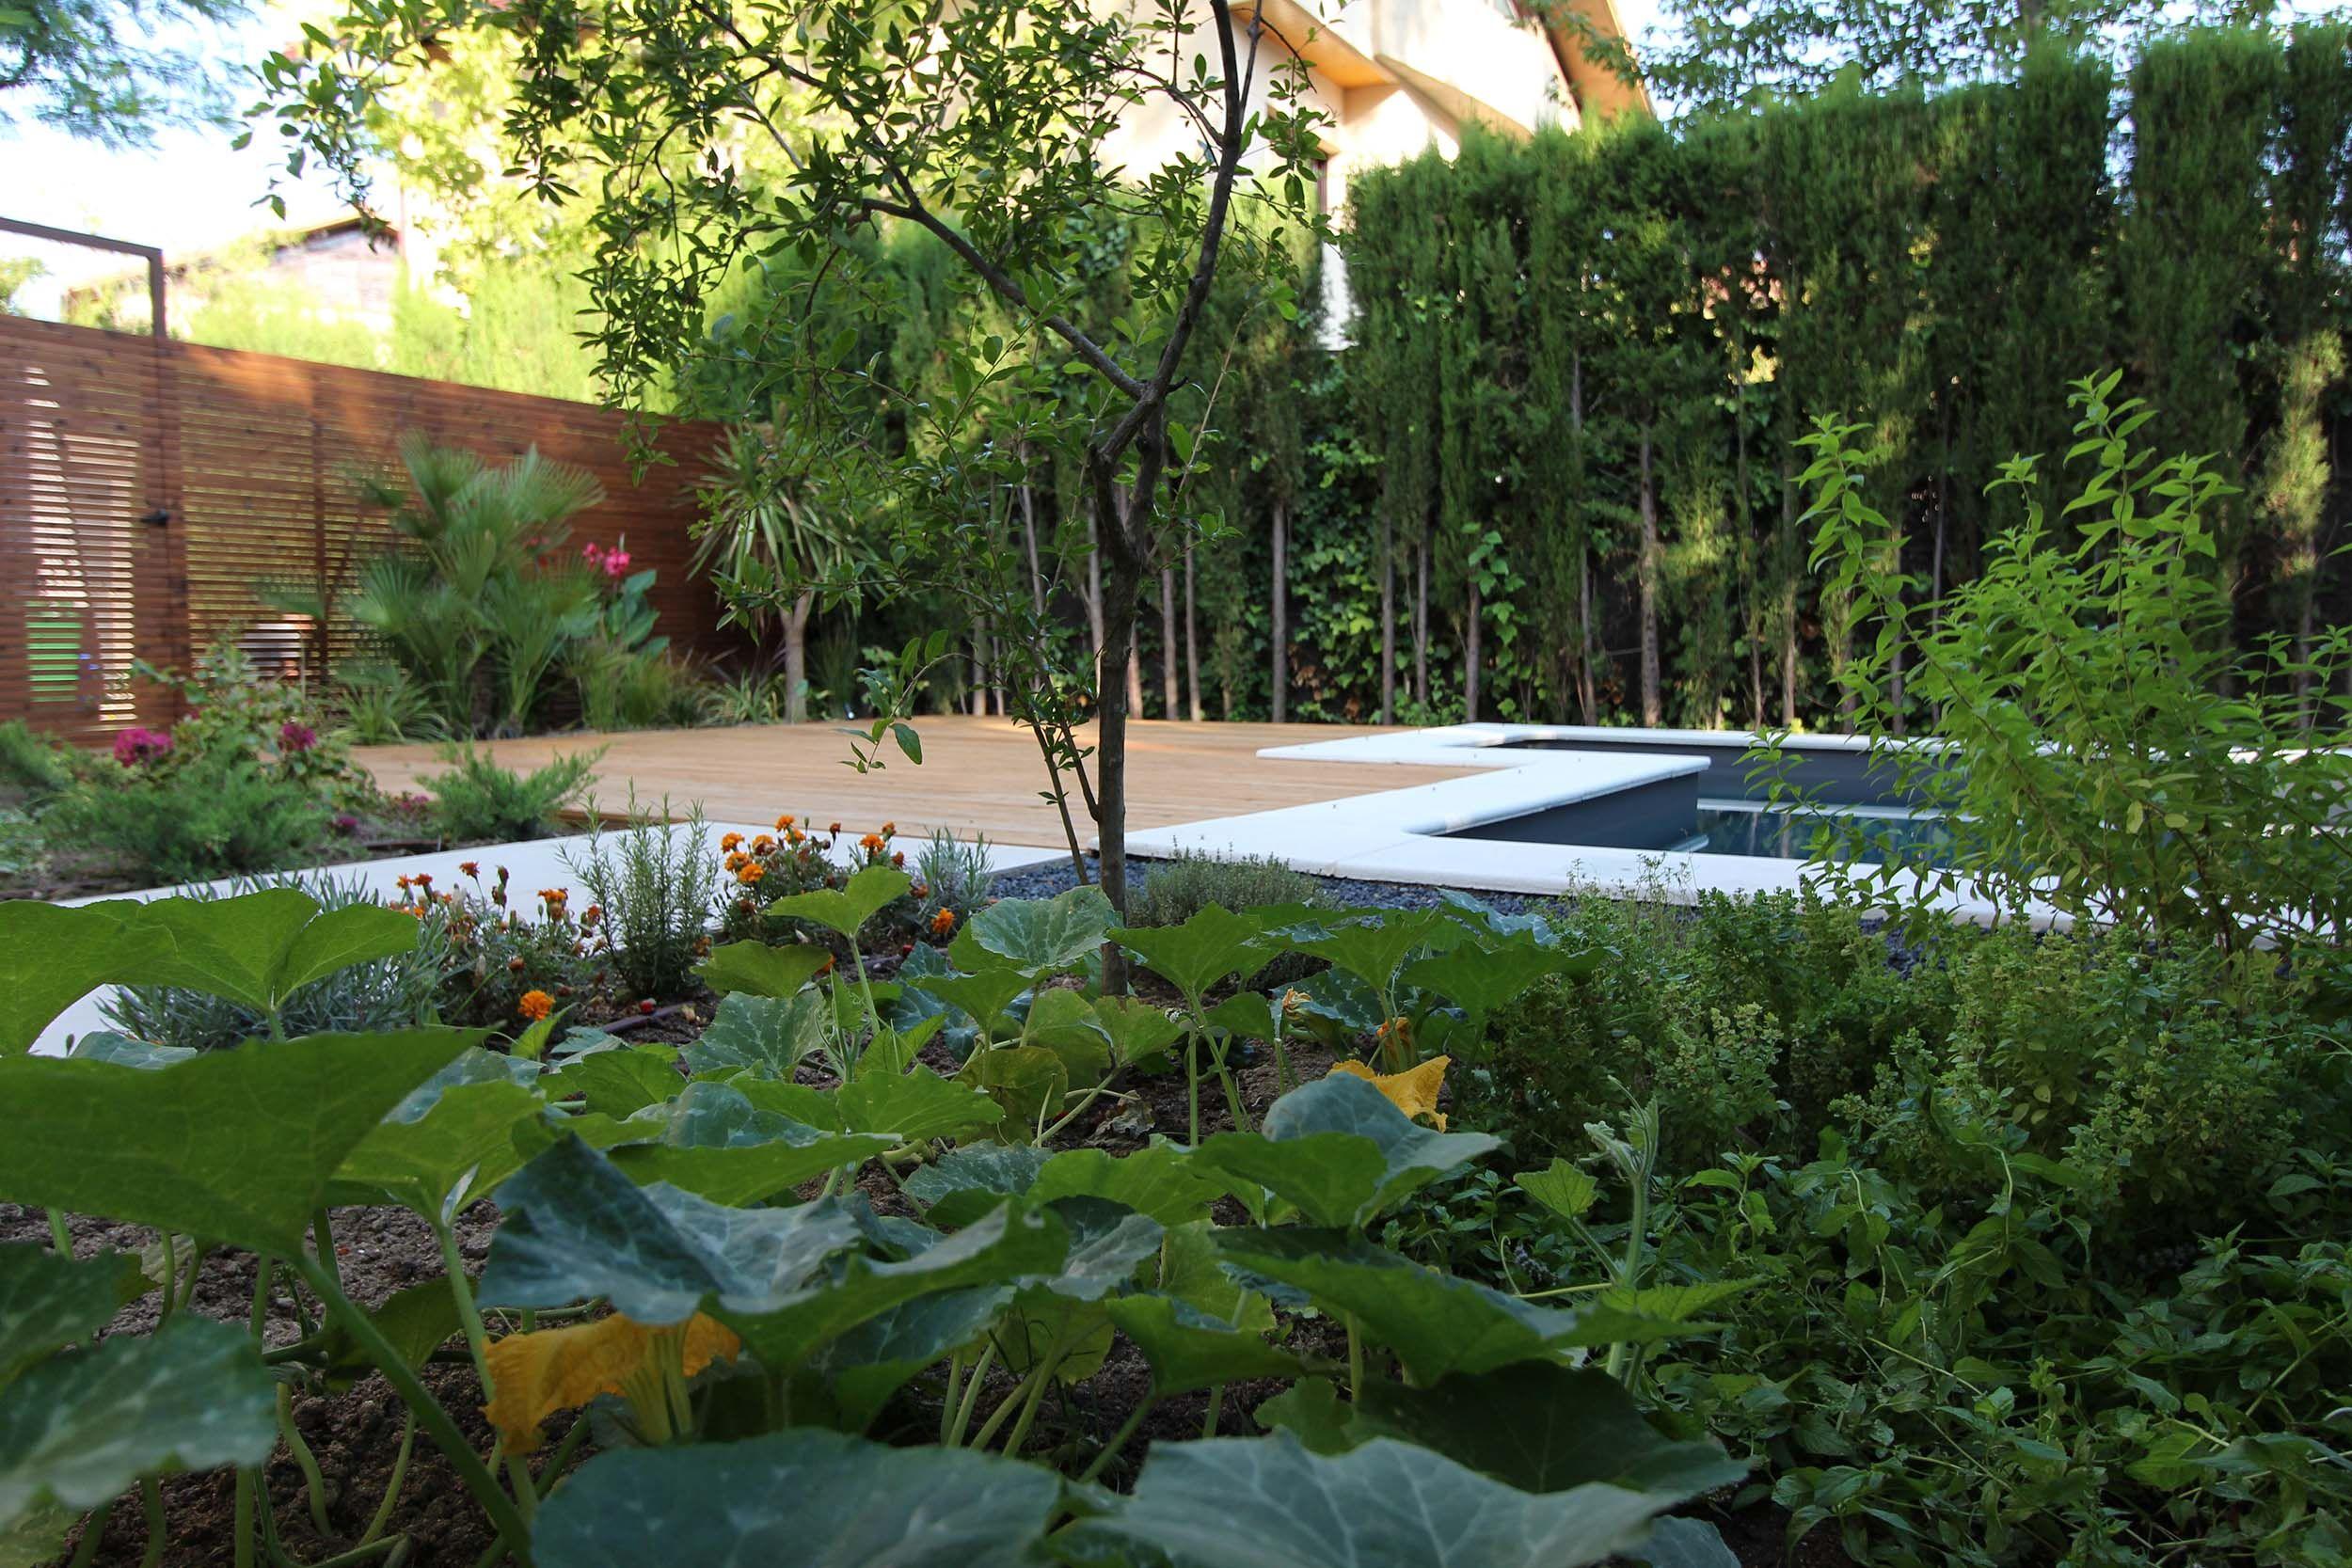 Huerto Huertoecologico Piscina Huerto Urbano Huerto Ecologico Diseño De Jardín